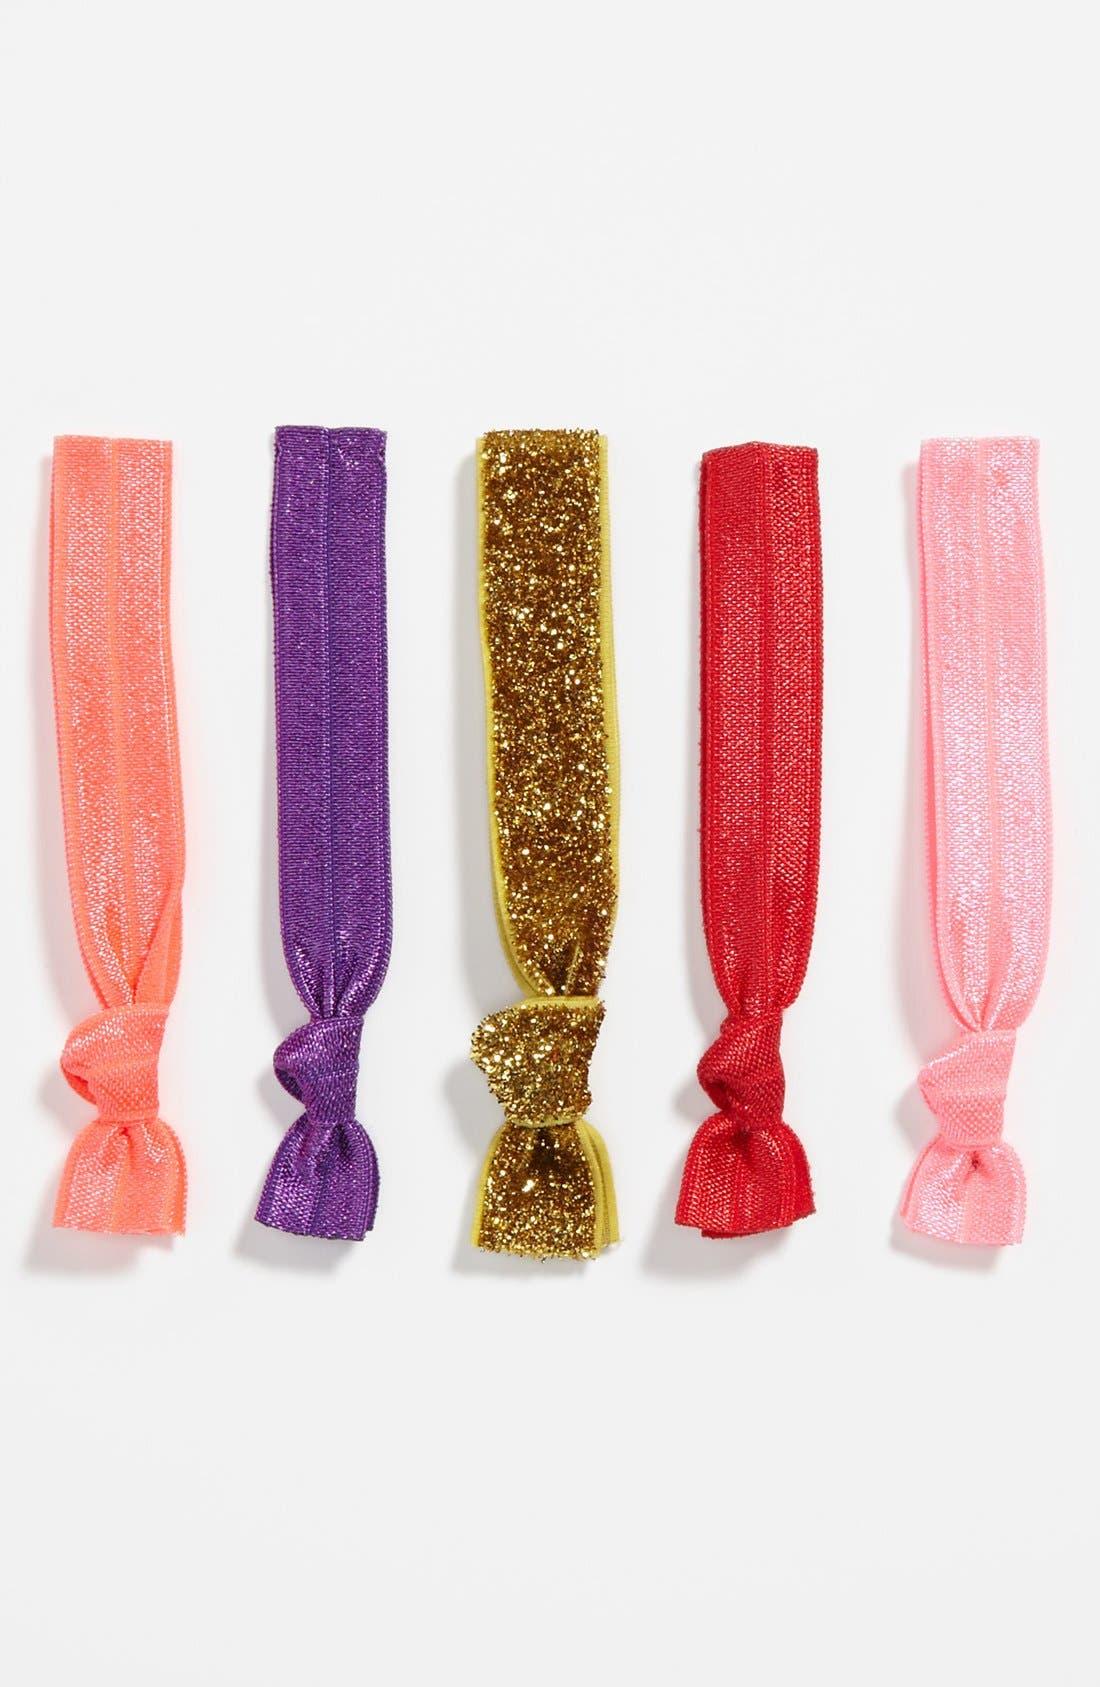 Alternate Image 1 Selected - Kitsch Hair Ties (5-Pack) (Girls)